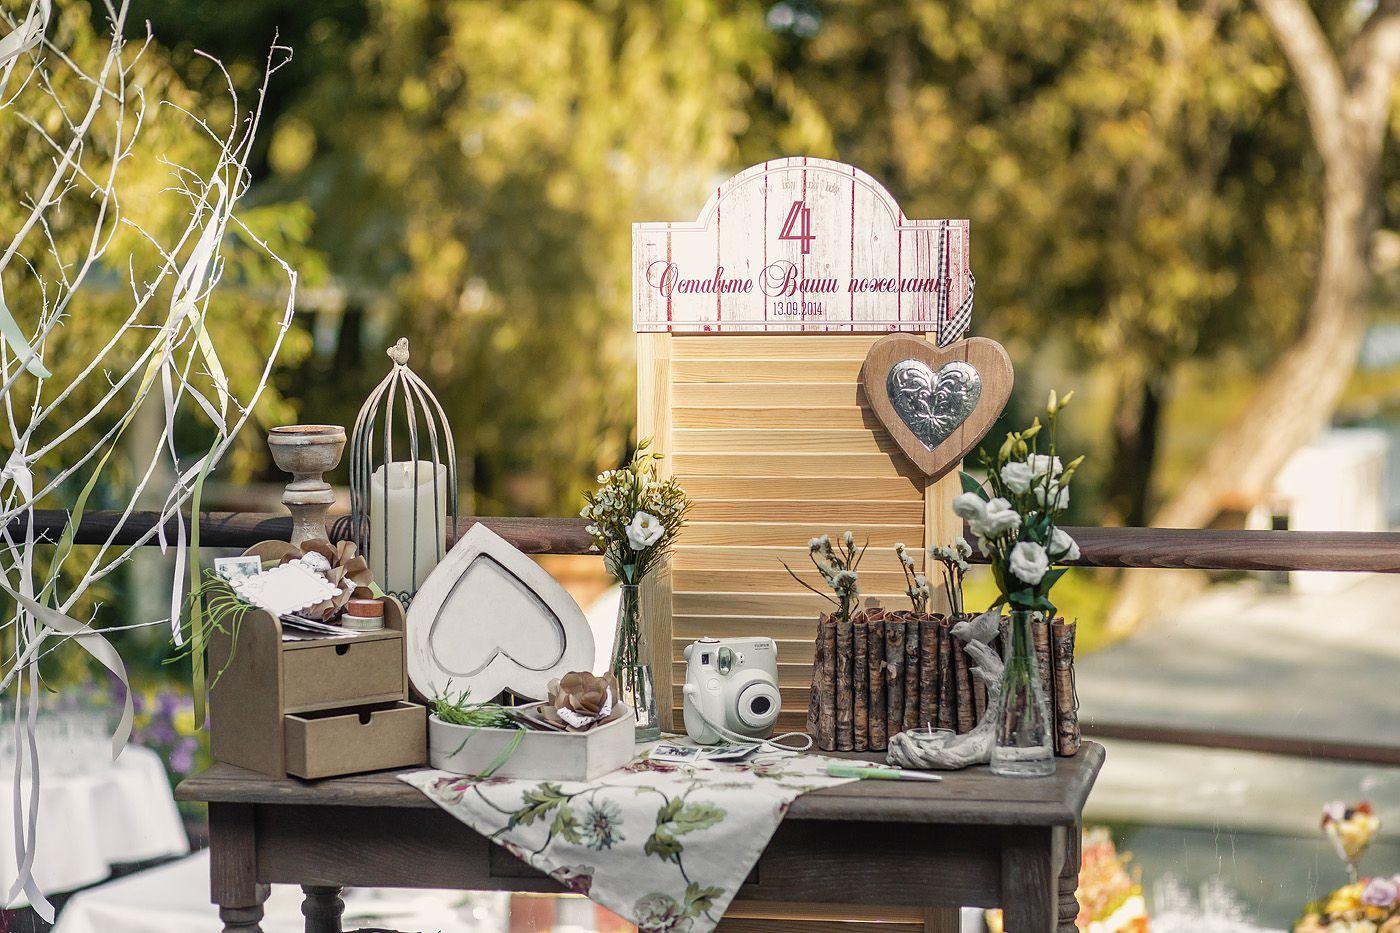 wedding, wedding wishes,  guests' wishes, wedding decor, пожелания гостей, свадебные пожелания